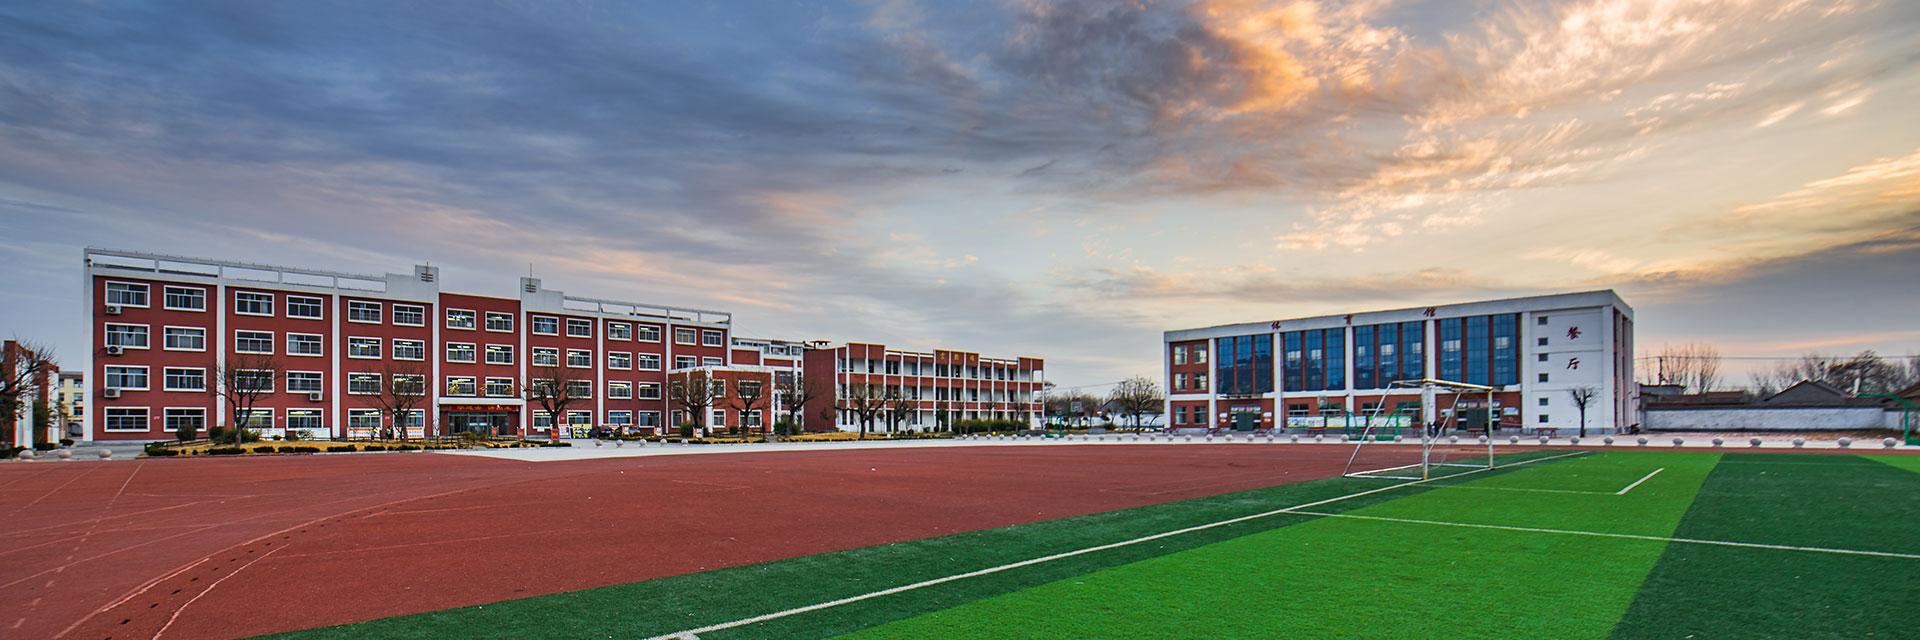 广州市番禺区新造职业技术学校